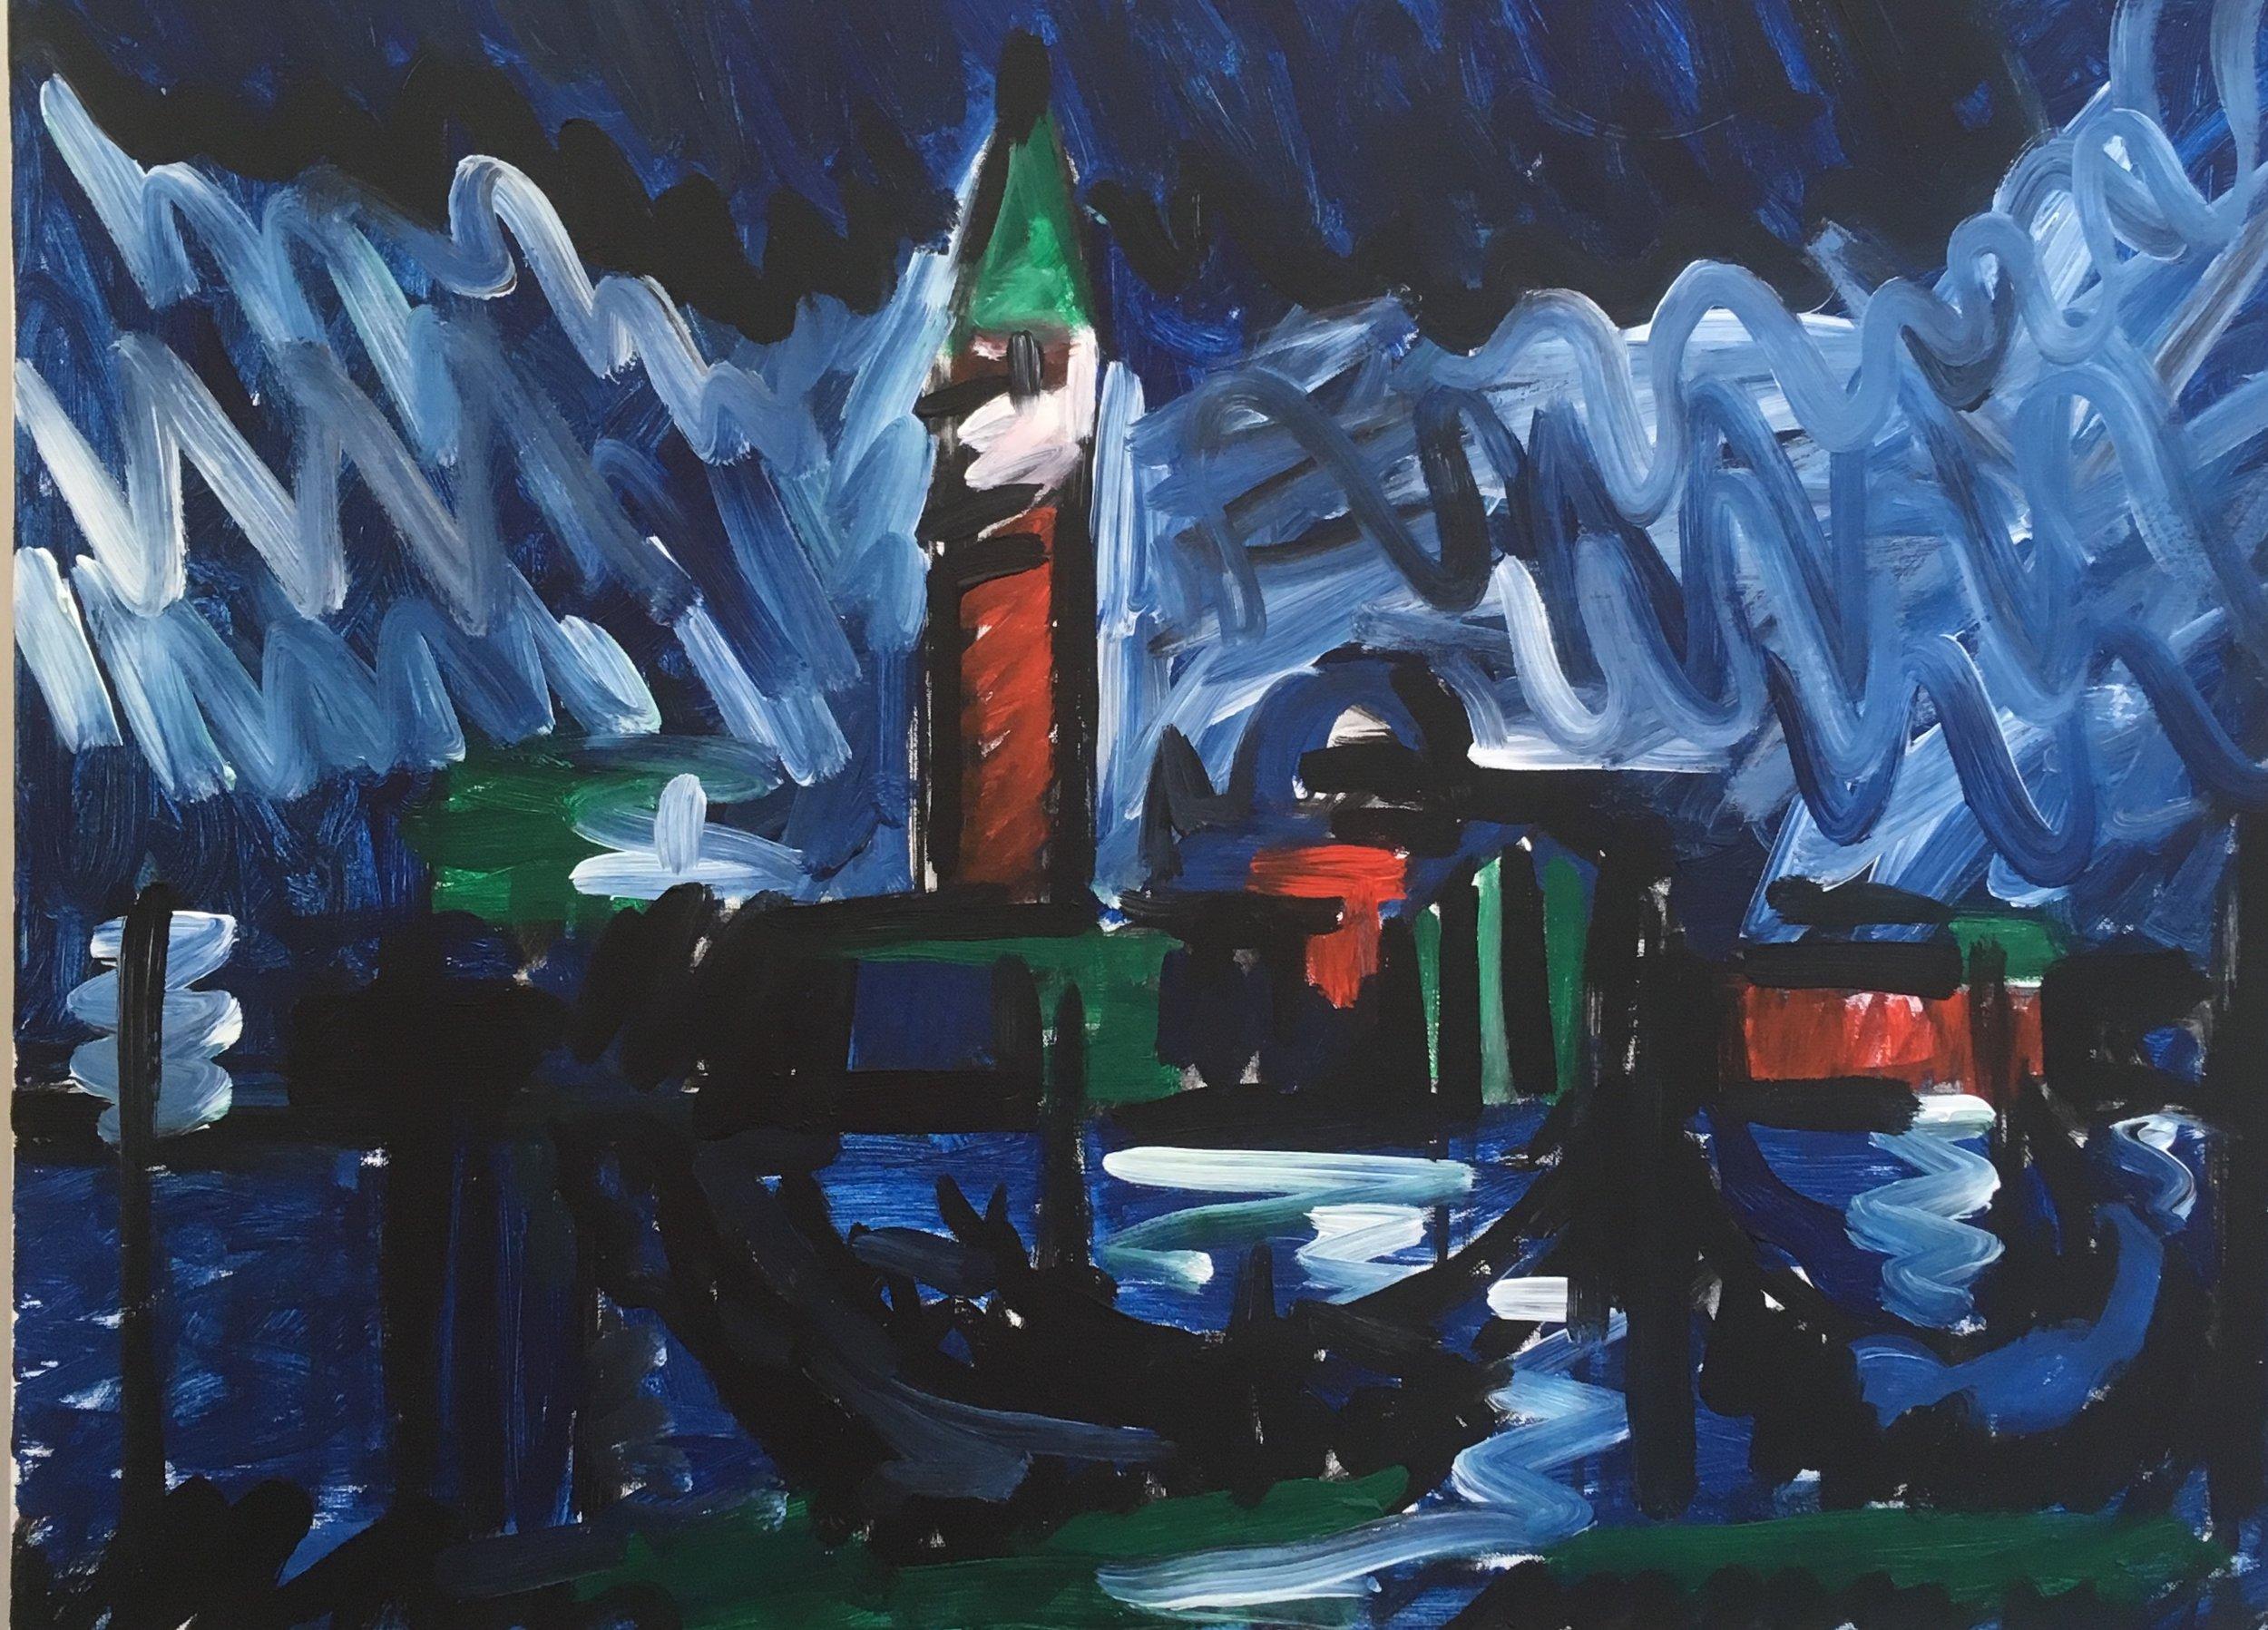 Venetian night towards St Giorgio  acrylic on canvas  60 by 80 by 1.5 cm  £800  unframed